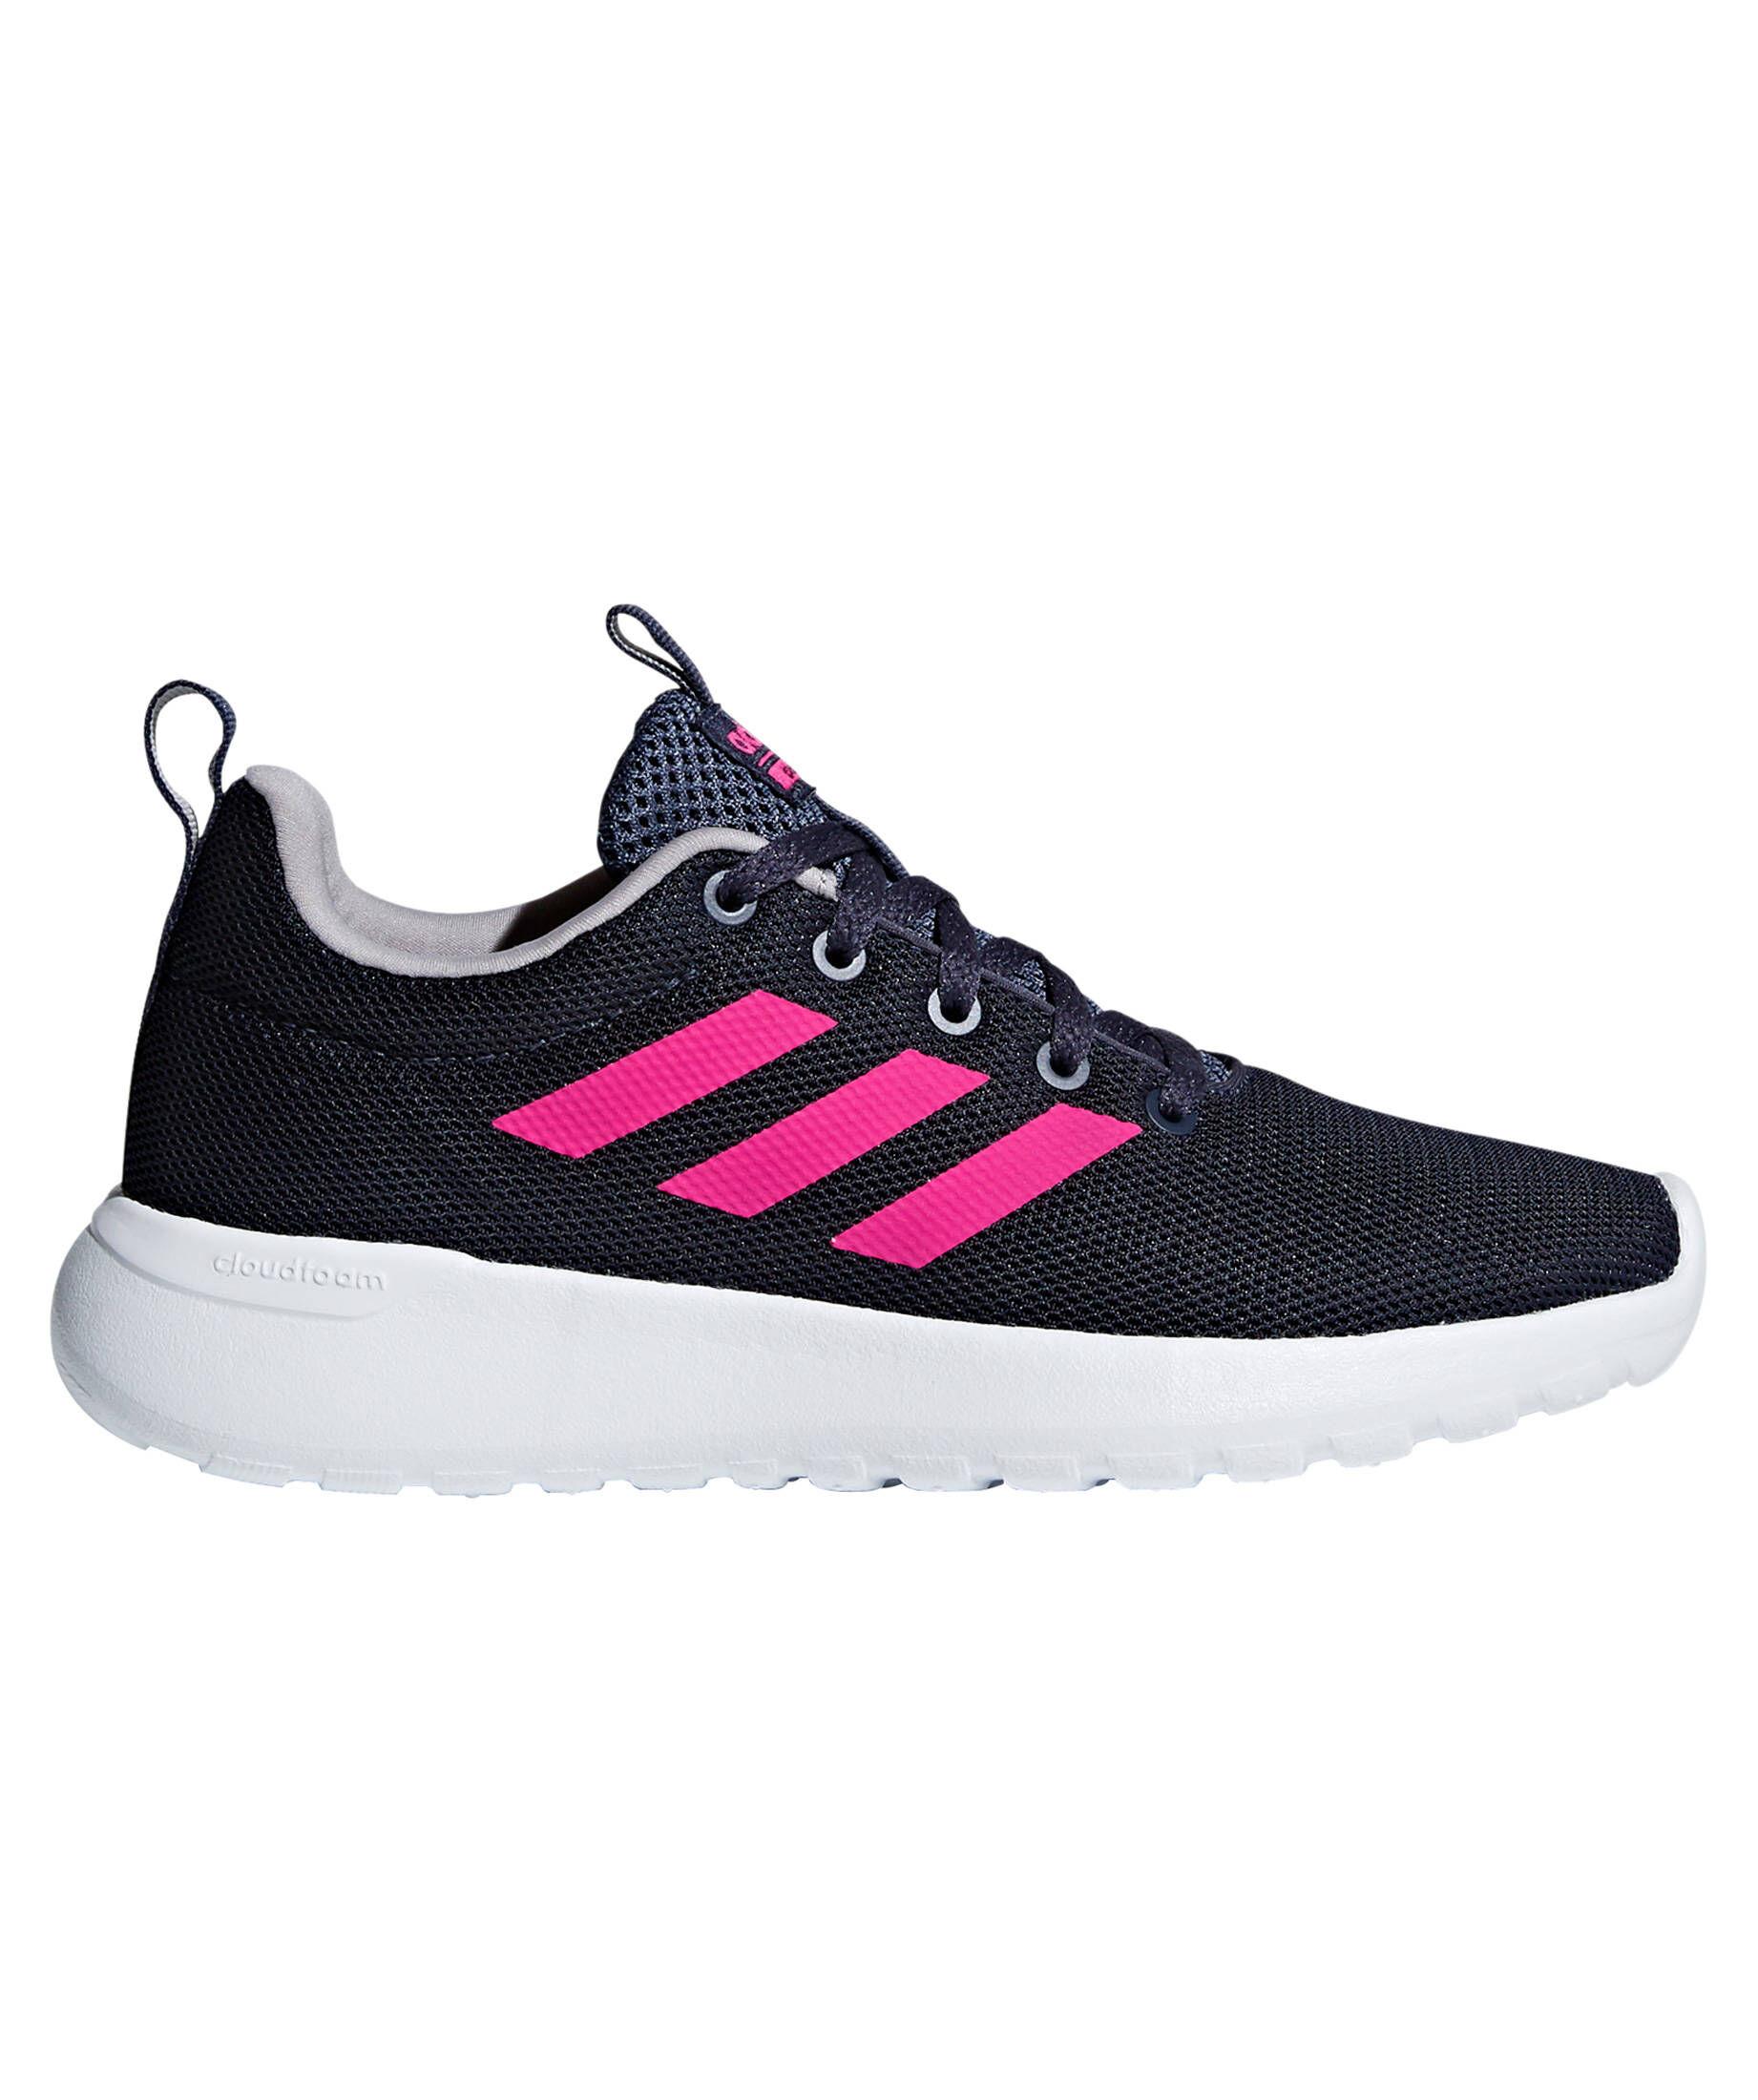 Suchergebnis auf für: adidas superstar kinder